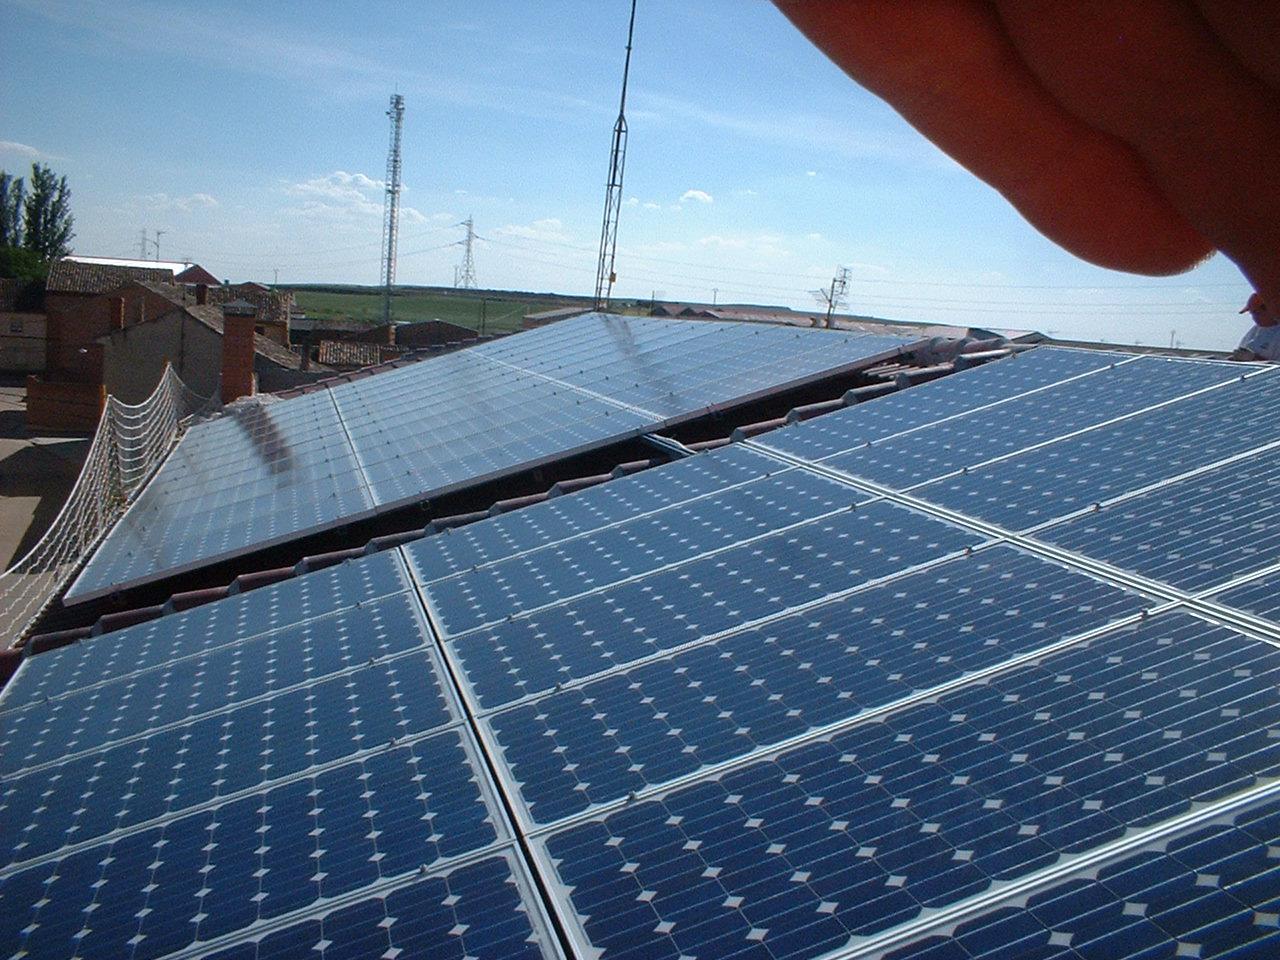 Solcan soluciones ambientales s l energ a solar for Instalacion fotovoltaica conectada a red